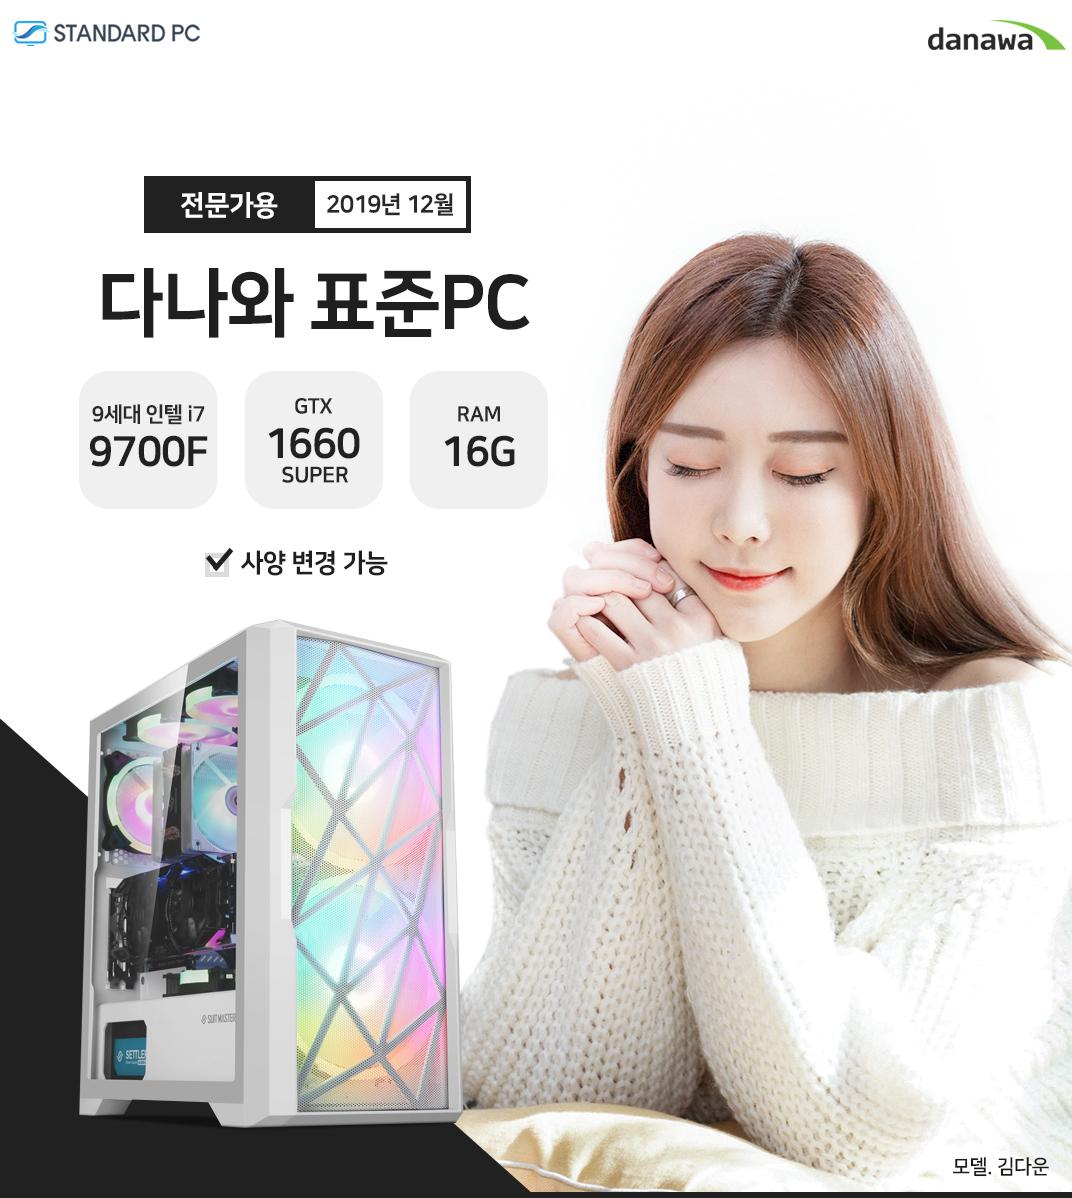 2019년 12월 다나와 표준PC 전문디자인용  인텔 i7-9세대 9700F GTX1660 SUPER RAM 16G 모델 김다운